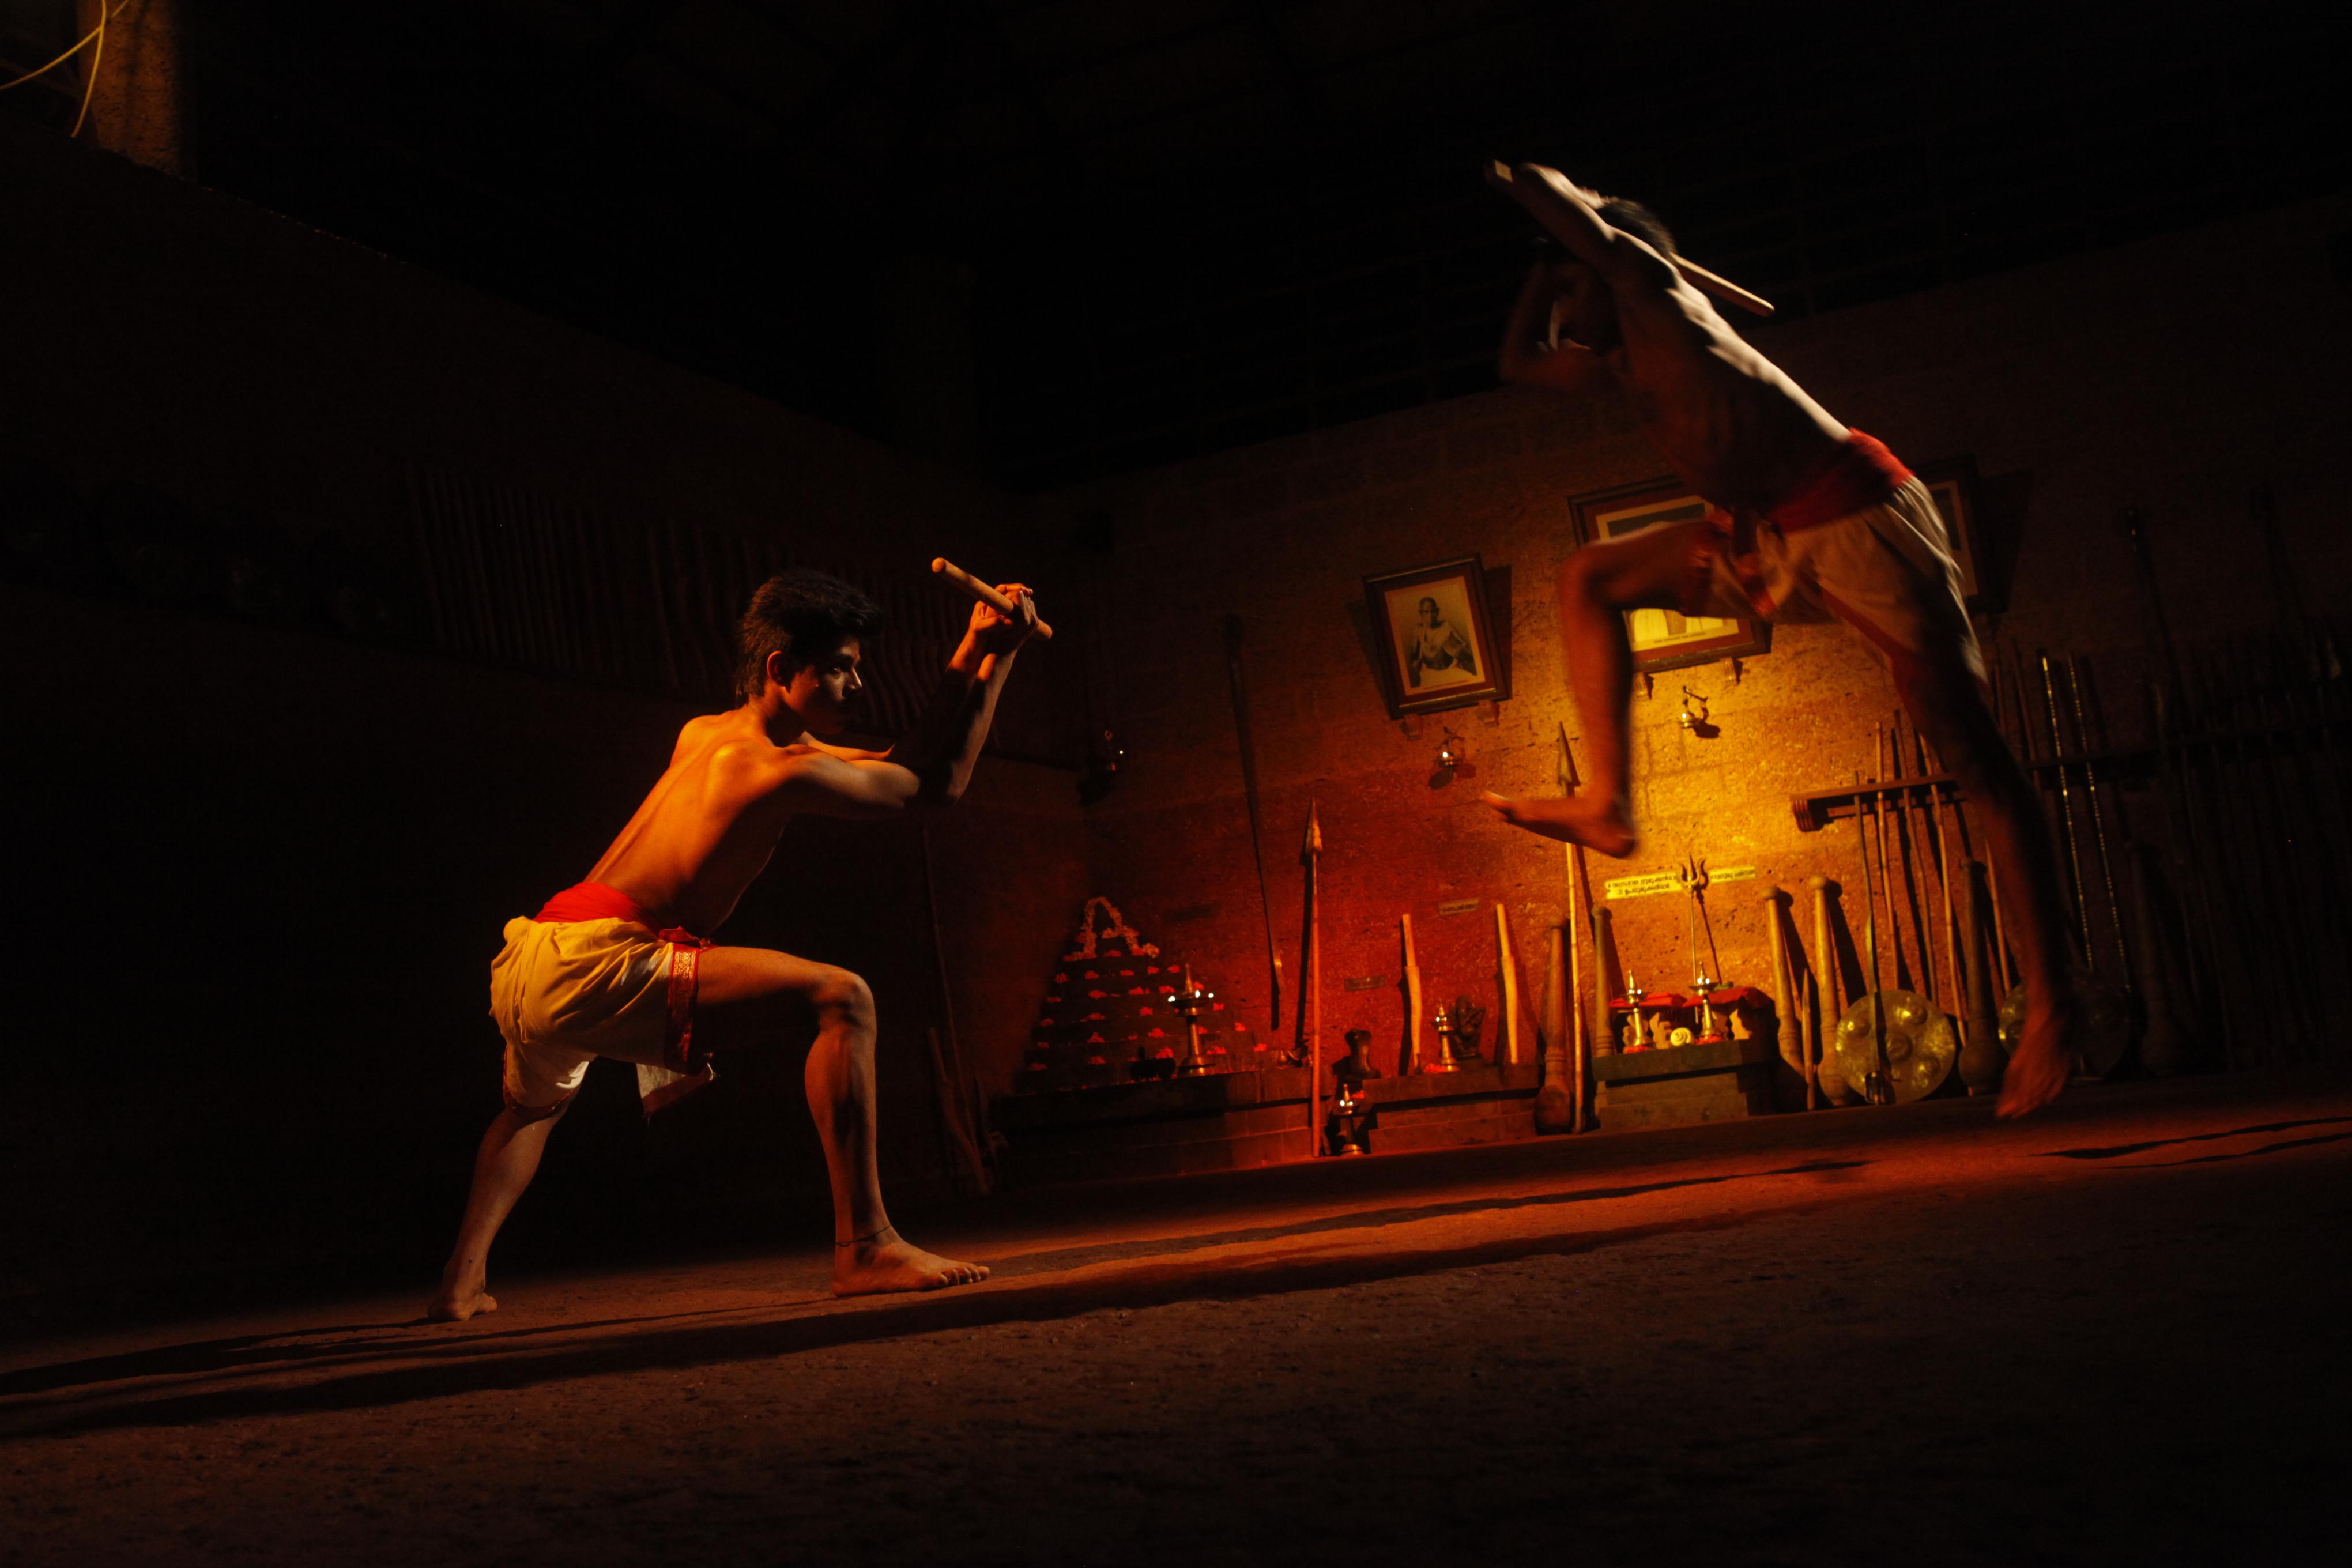 Эстафету Дней культуры Индии в РФ продолжит Hindustari Kalari Sangam